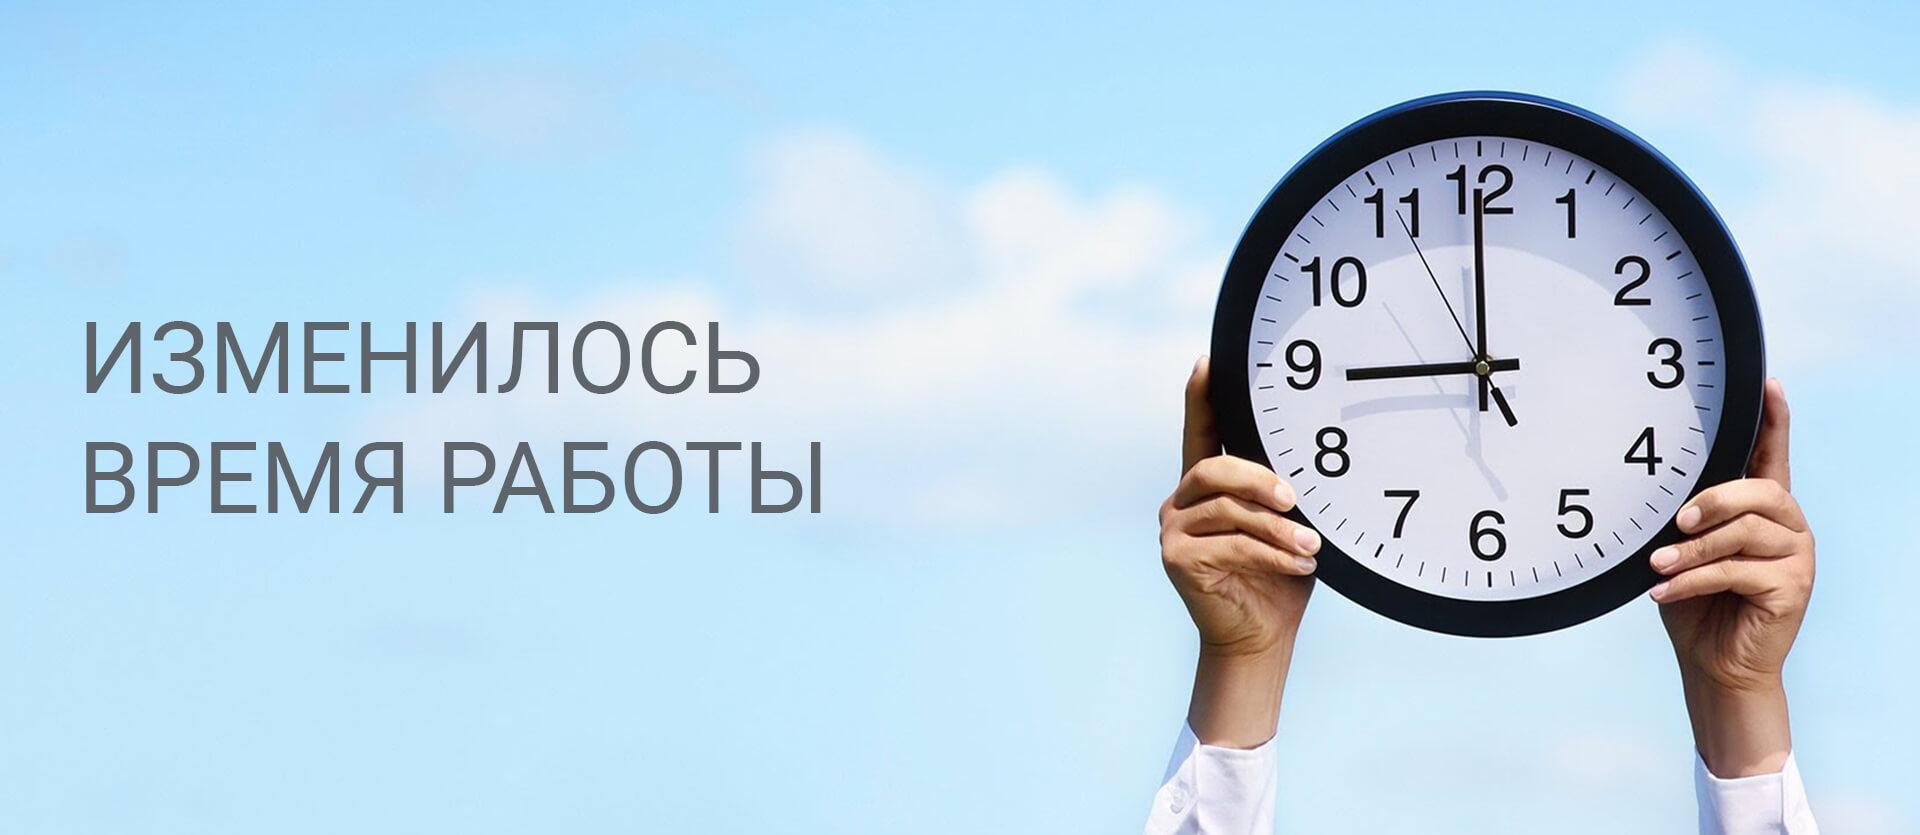 Купить диплом техникума пермь